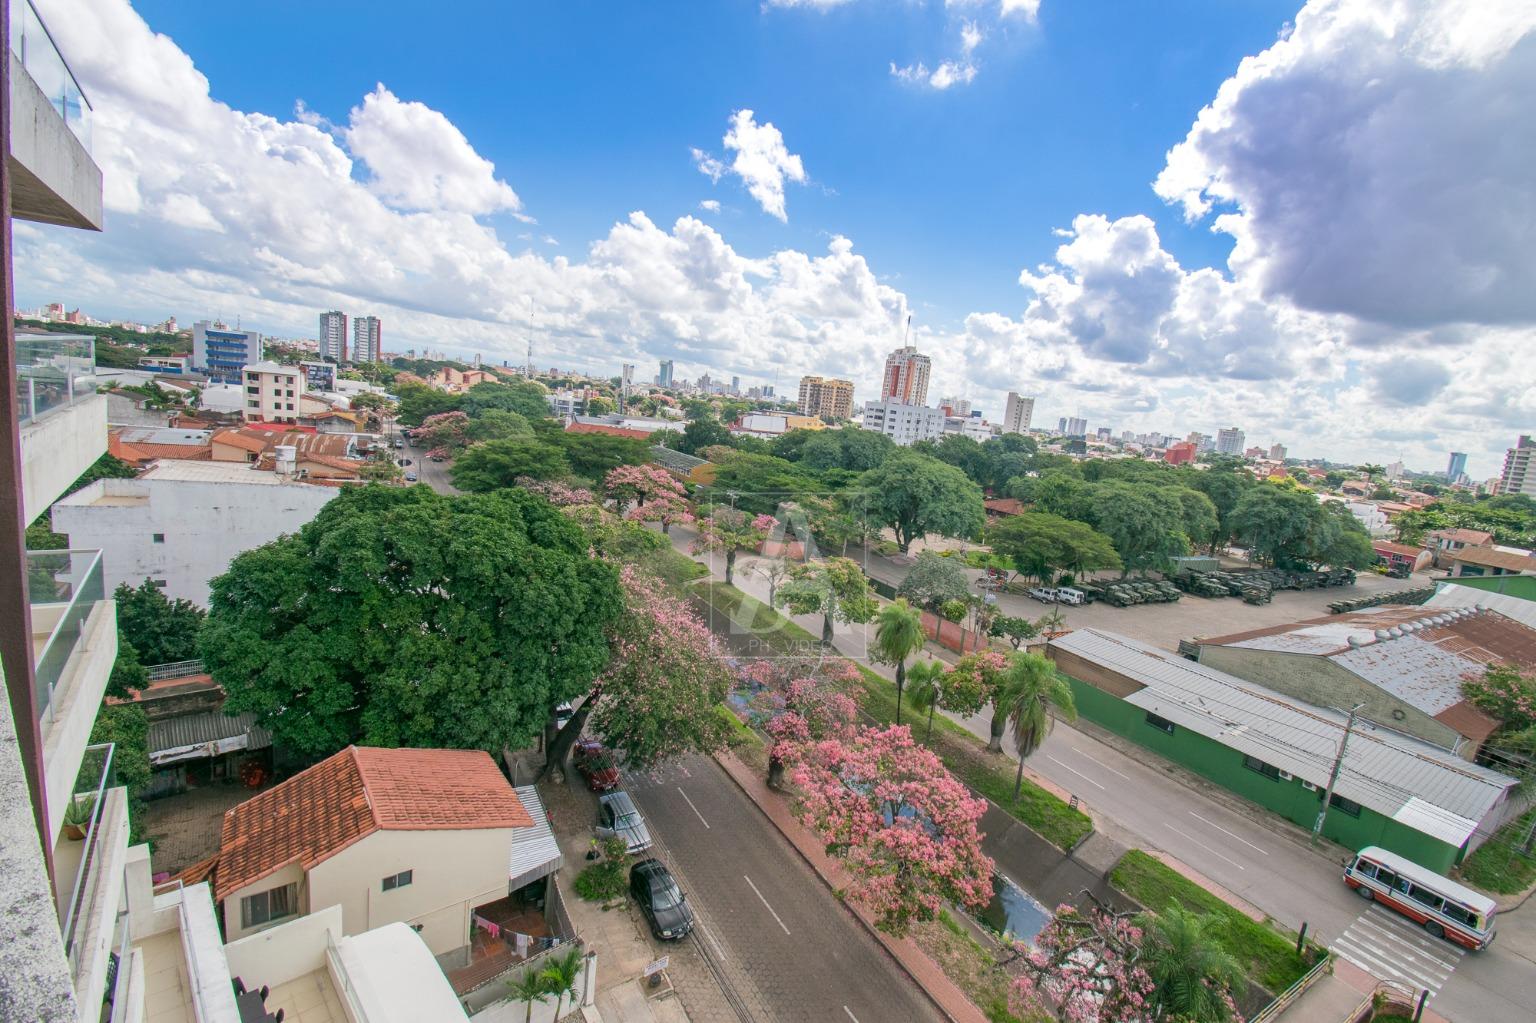 Departamento en Venta DEPARTAMENTO EN VENTA - CONDOMINIO PLAZA GUAPAY - 166.60 m². - AV. GUAPAY Foto 15